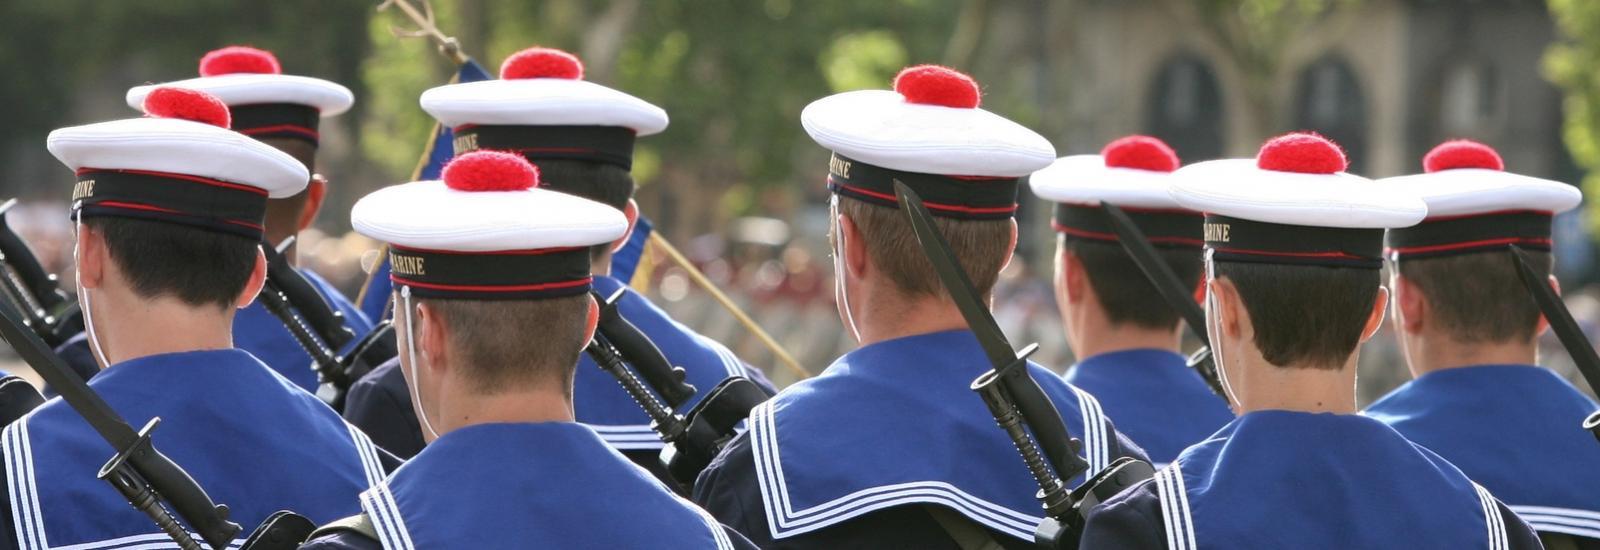 La Marine nationale française compte 39 000 marins.